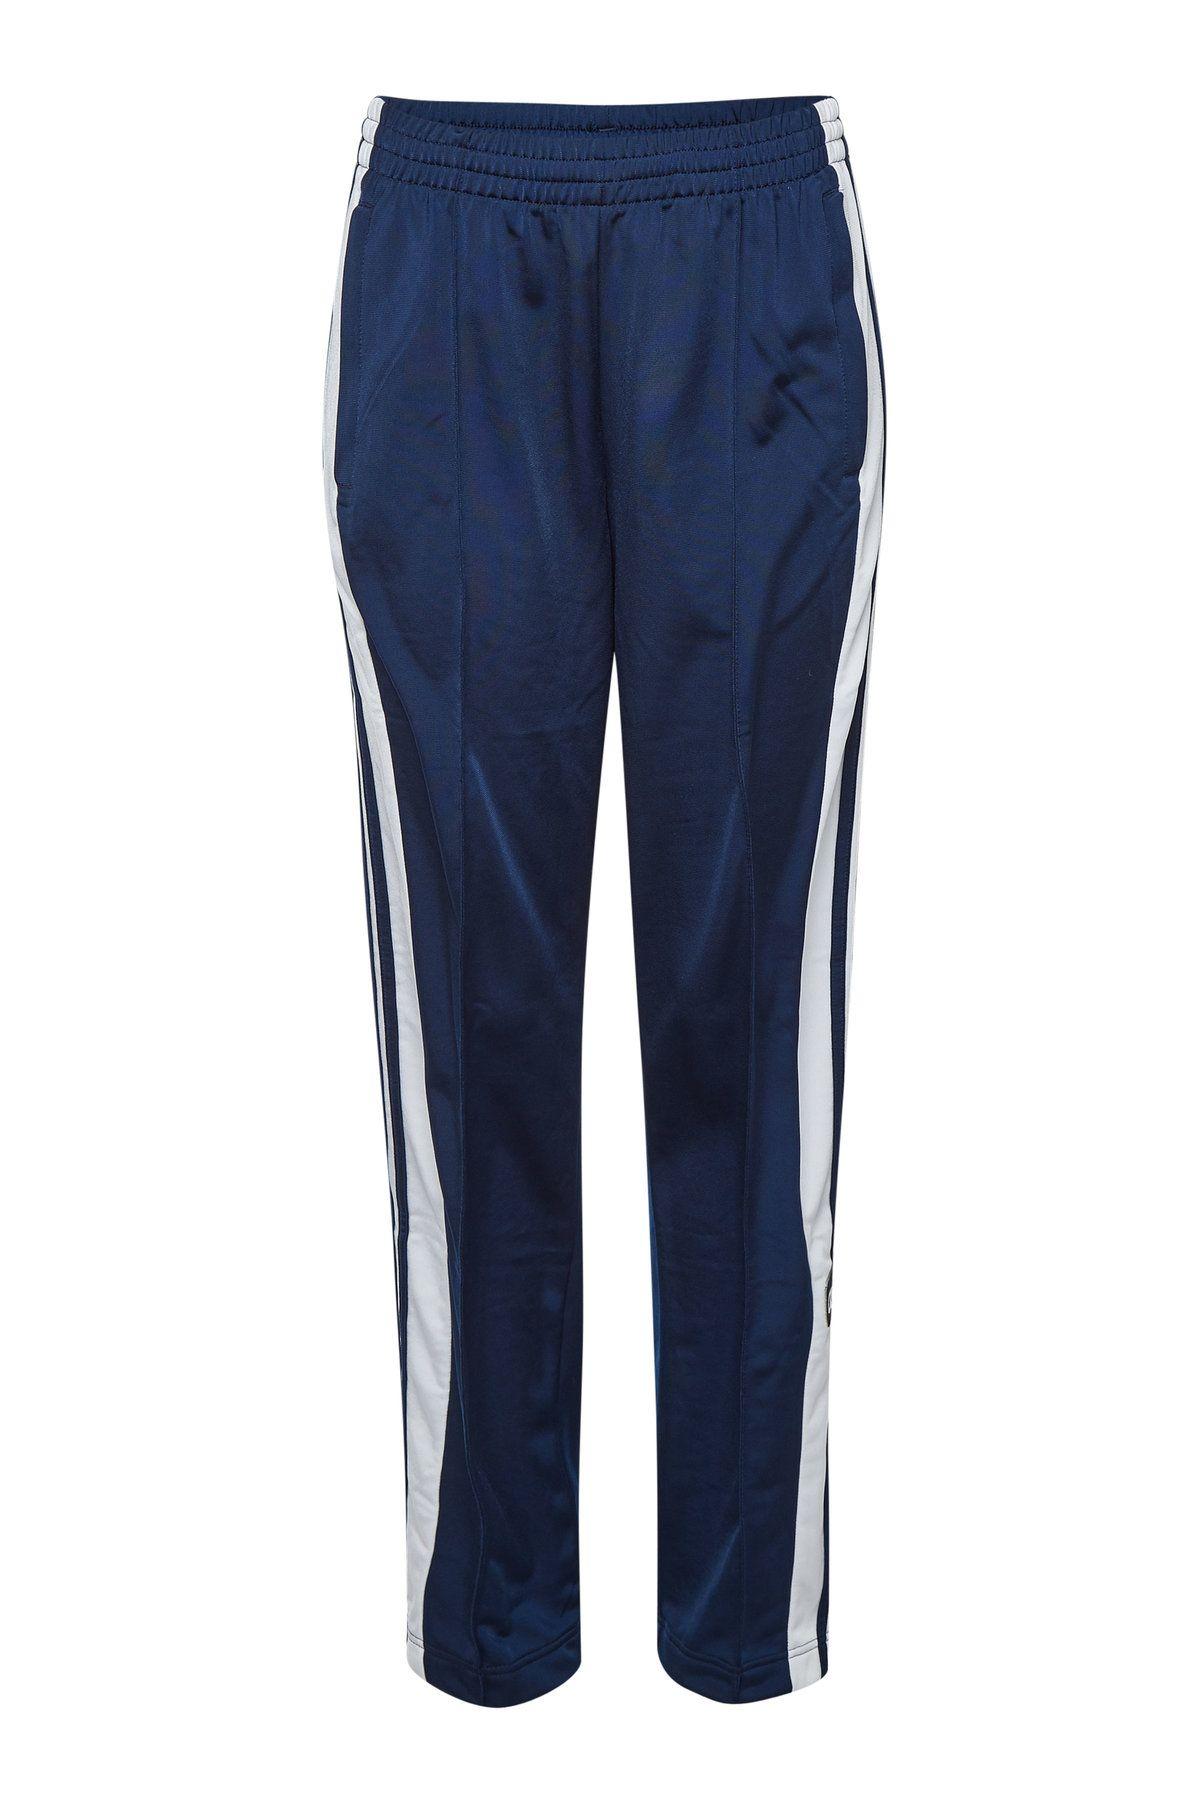 0e6cfe4e4fb Adidas Originals - Adibreak Track Pants on STYLEBOP.com